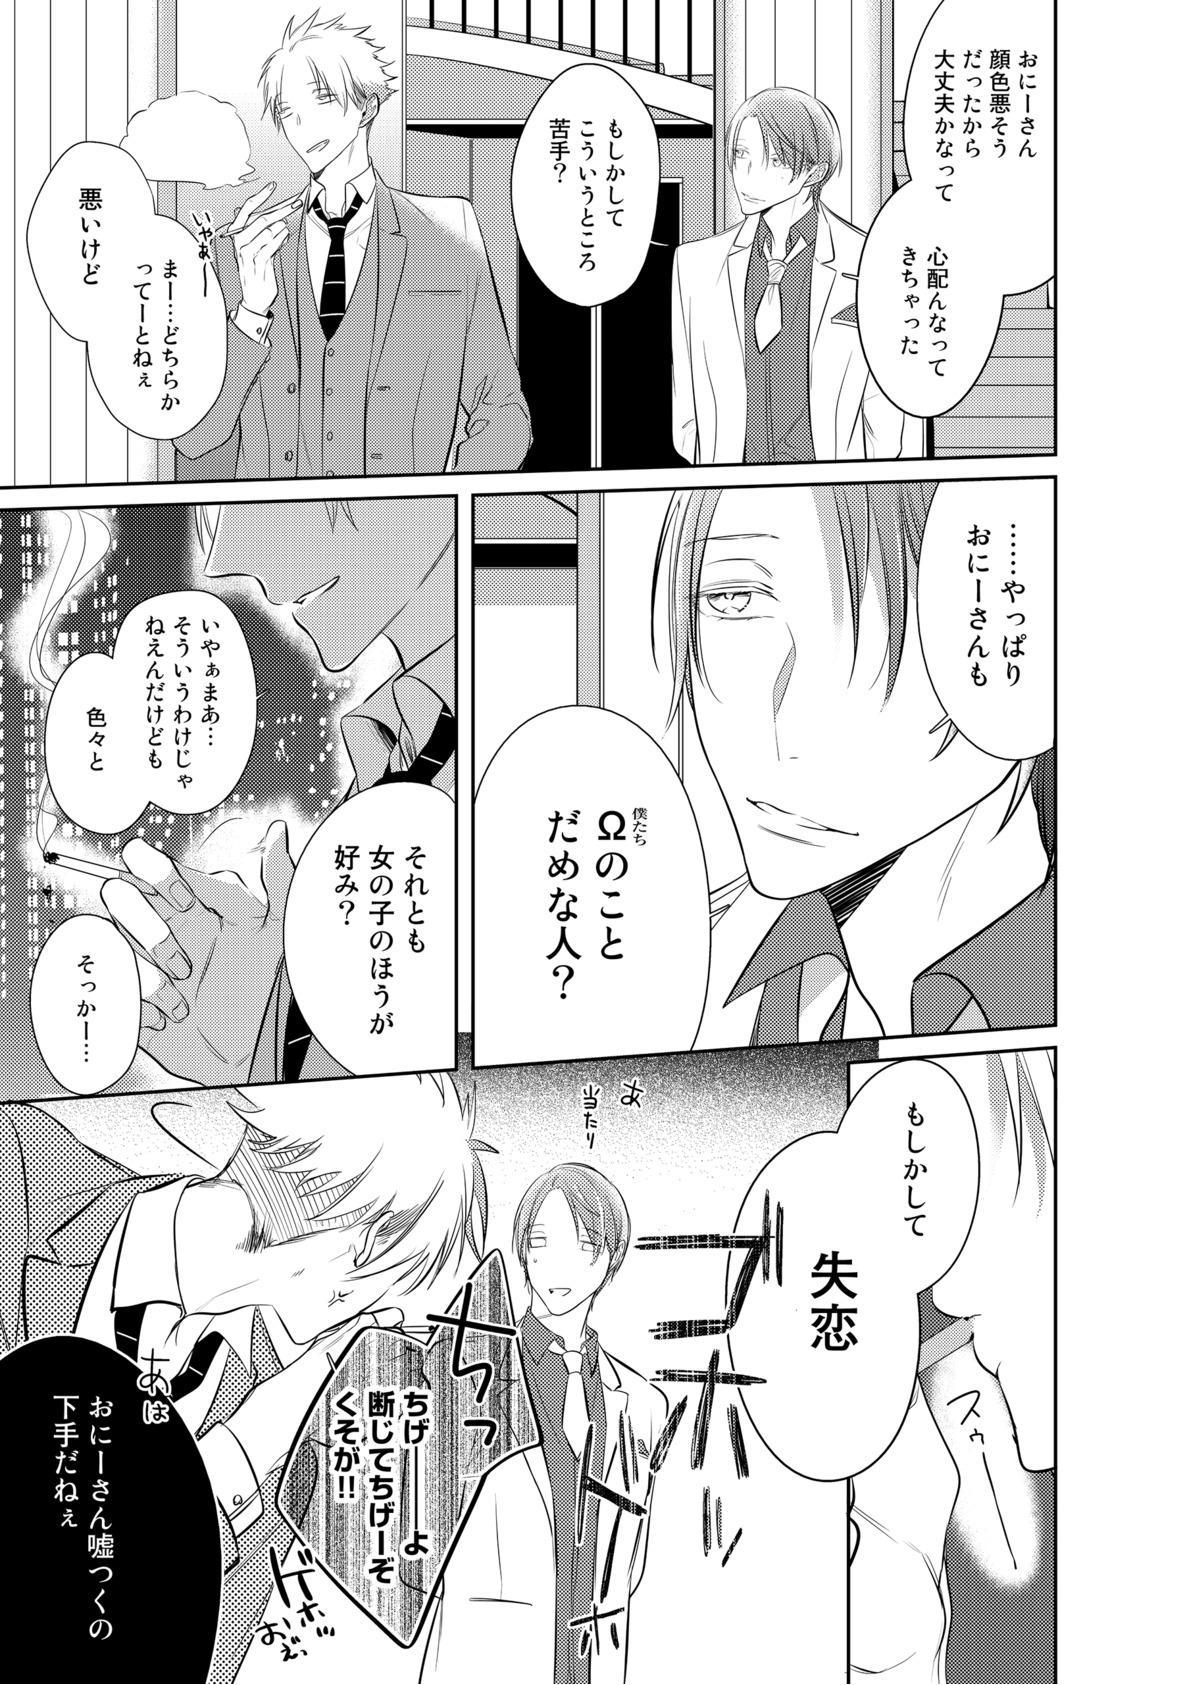 Kurui Naku no wa Boku no Ban ~ vol.2 10